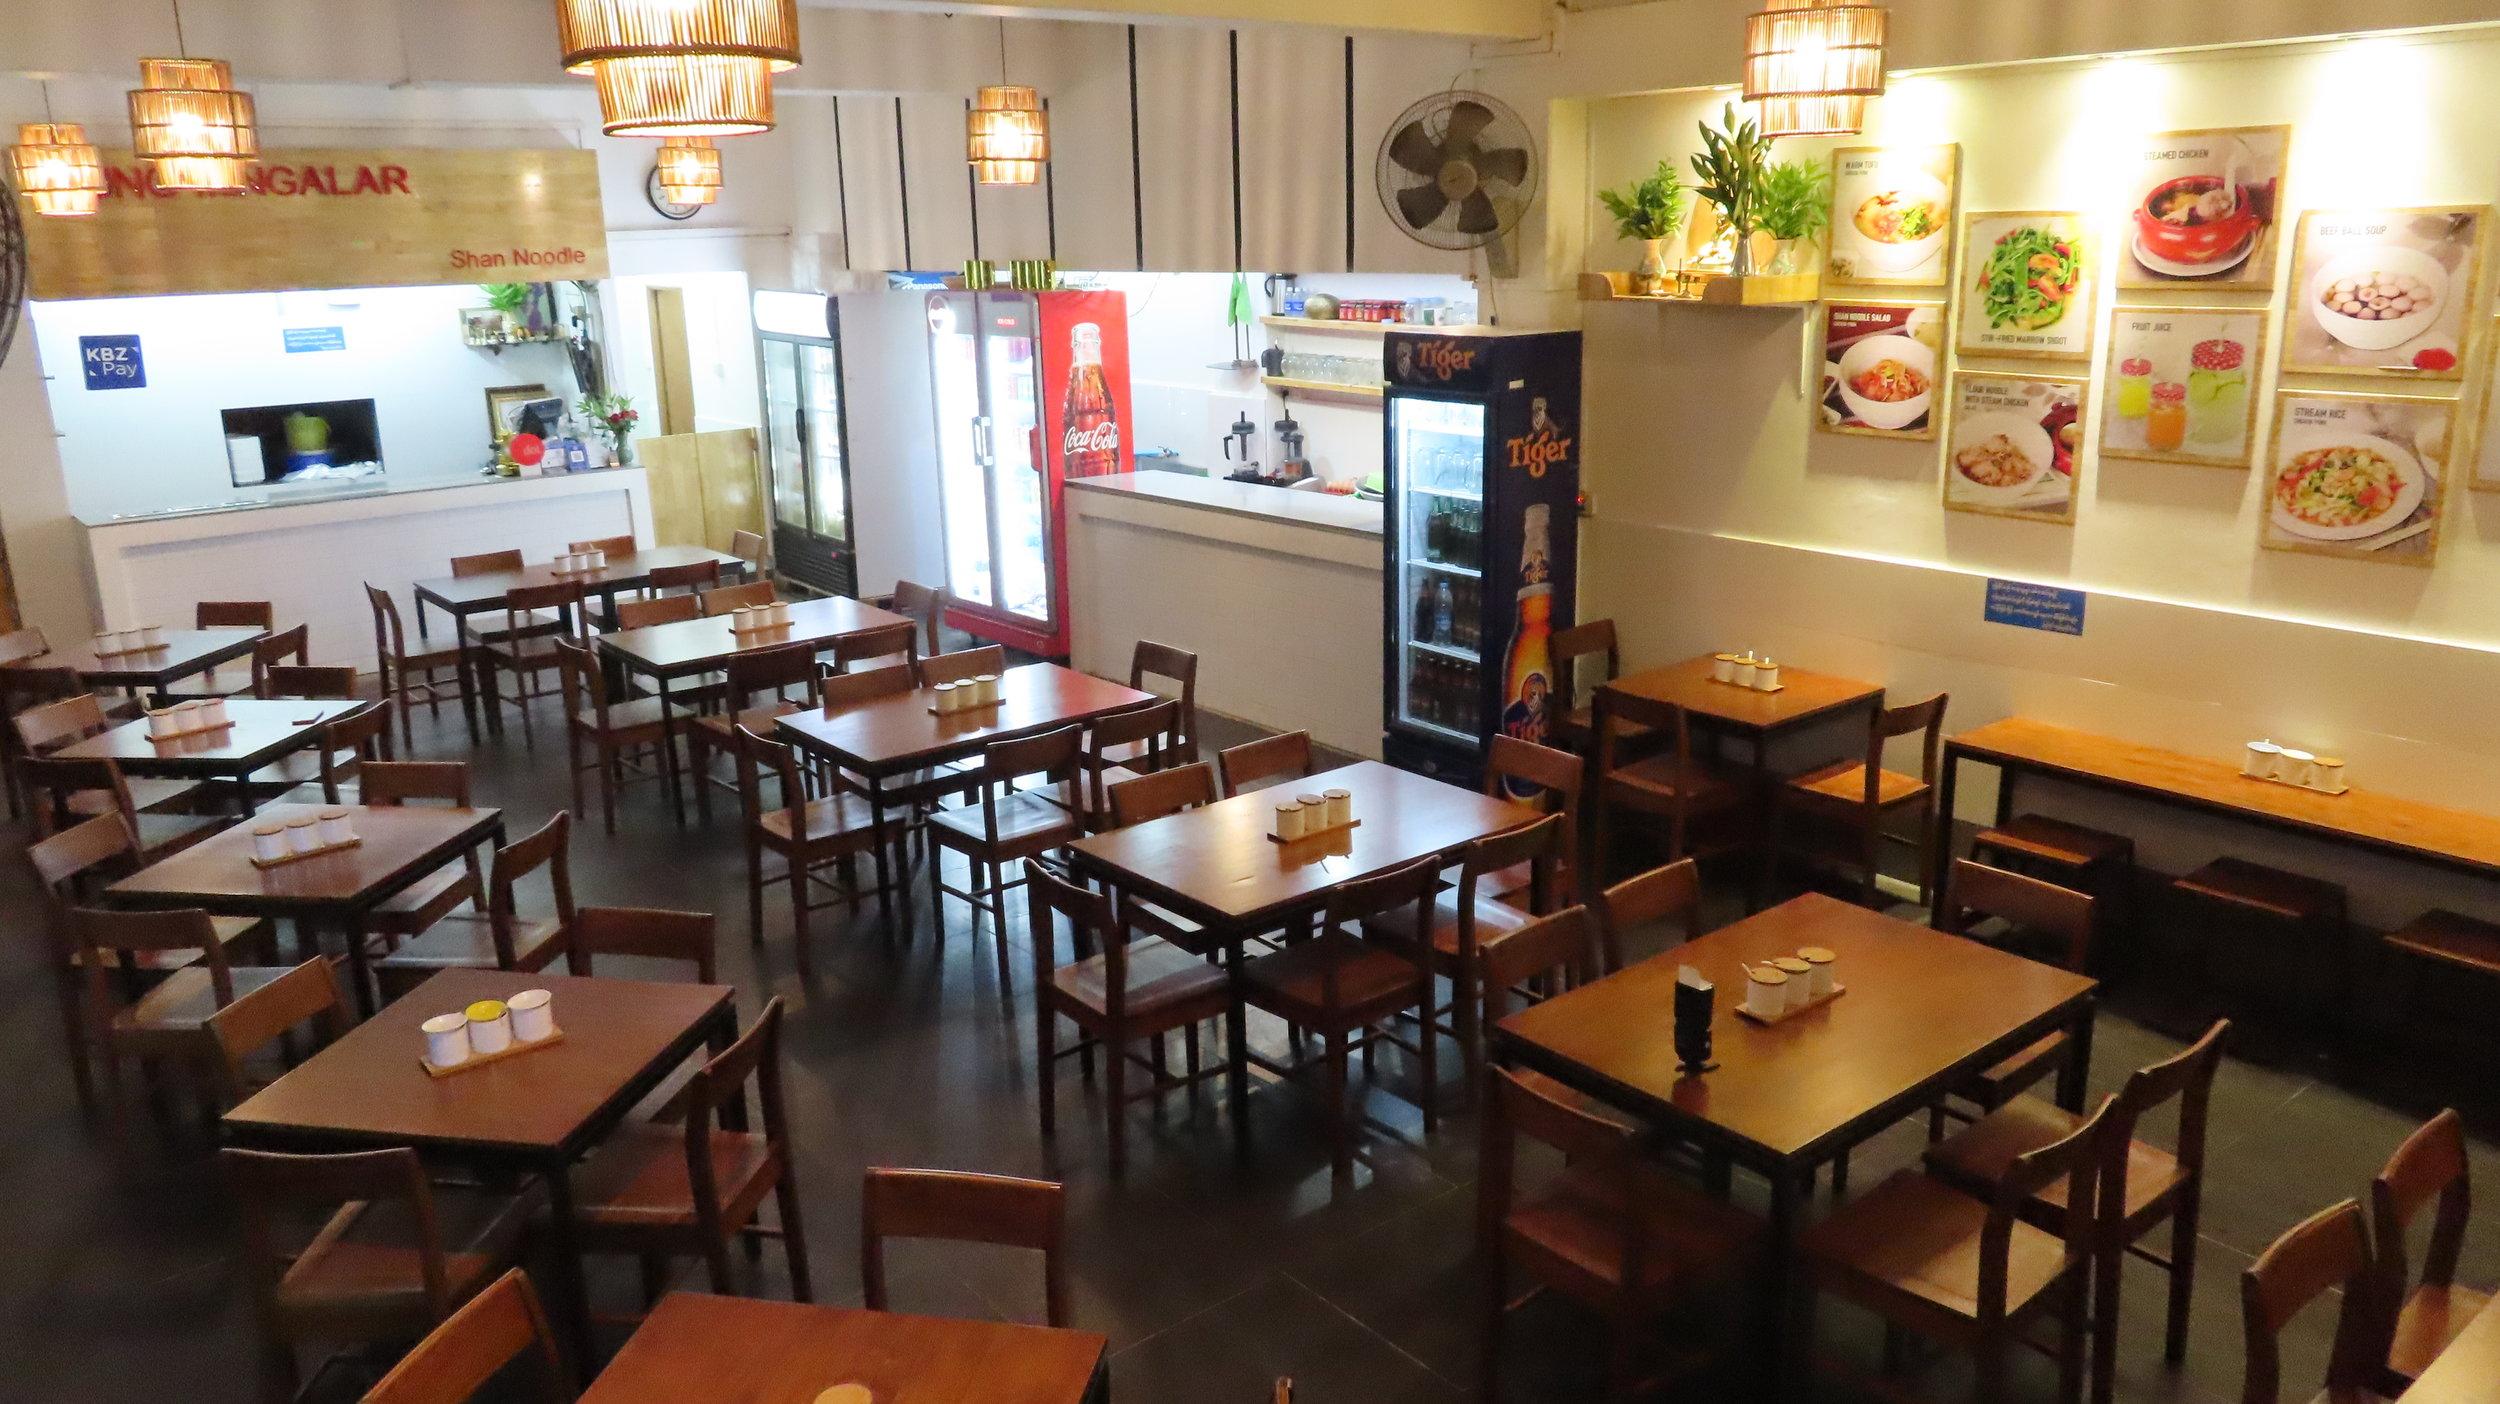 Aung Mingalar Shan Noodle Shop_16'96 Concepts.JPG